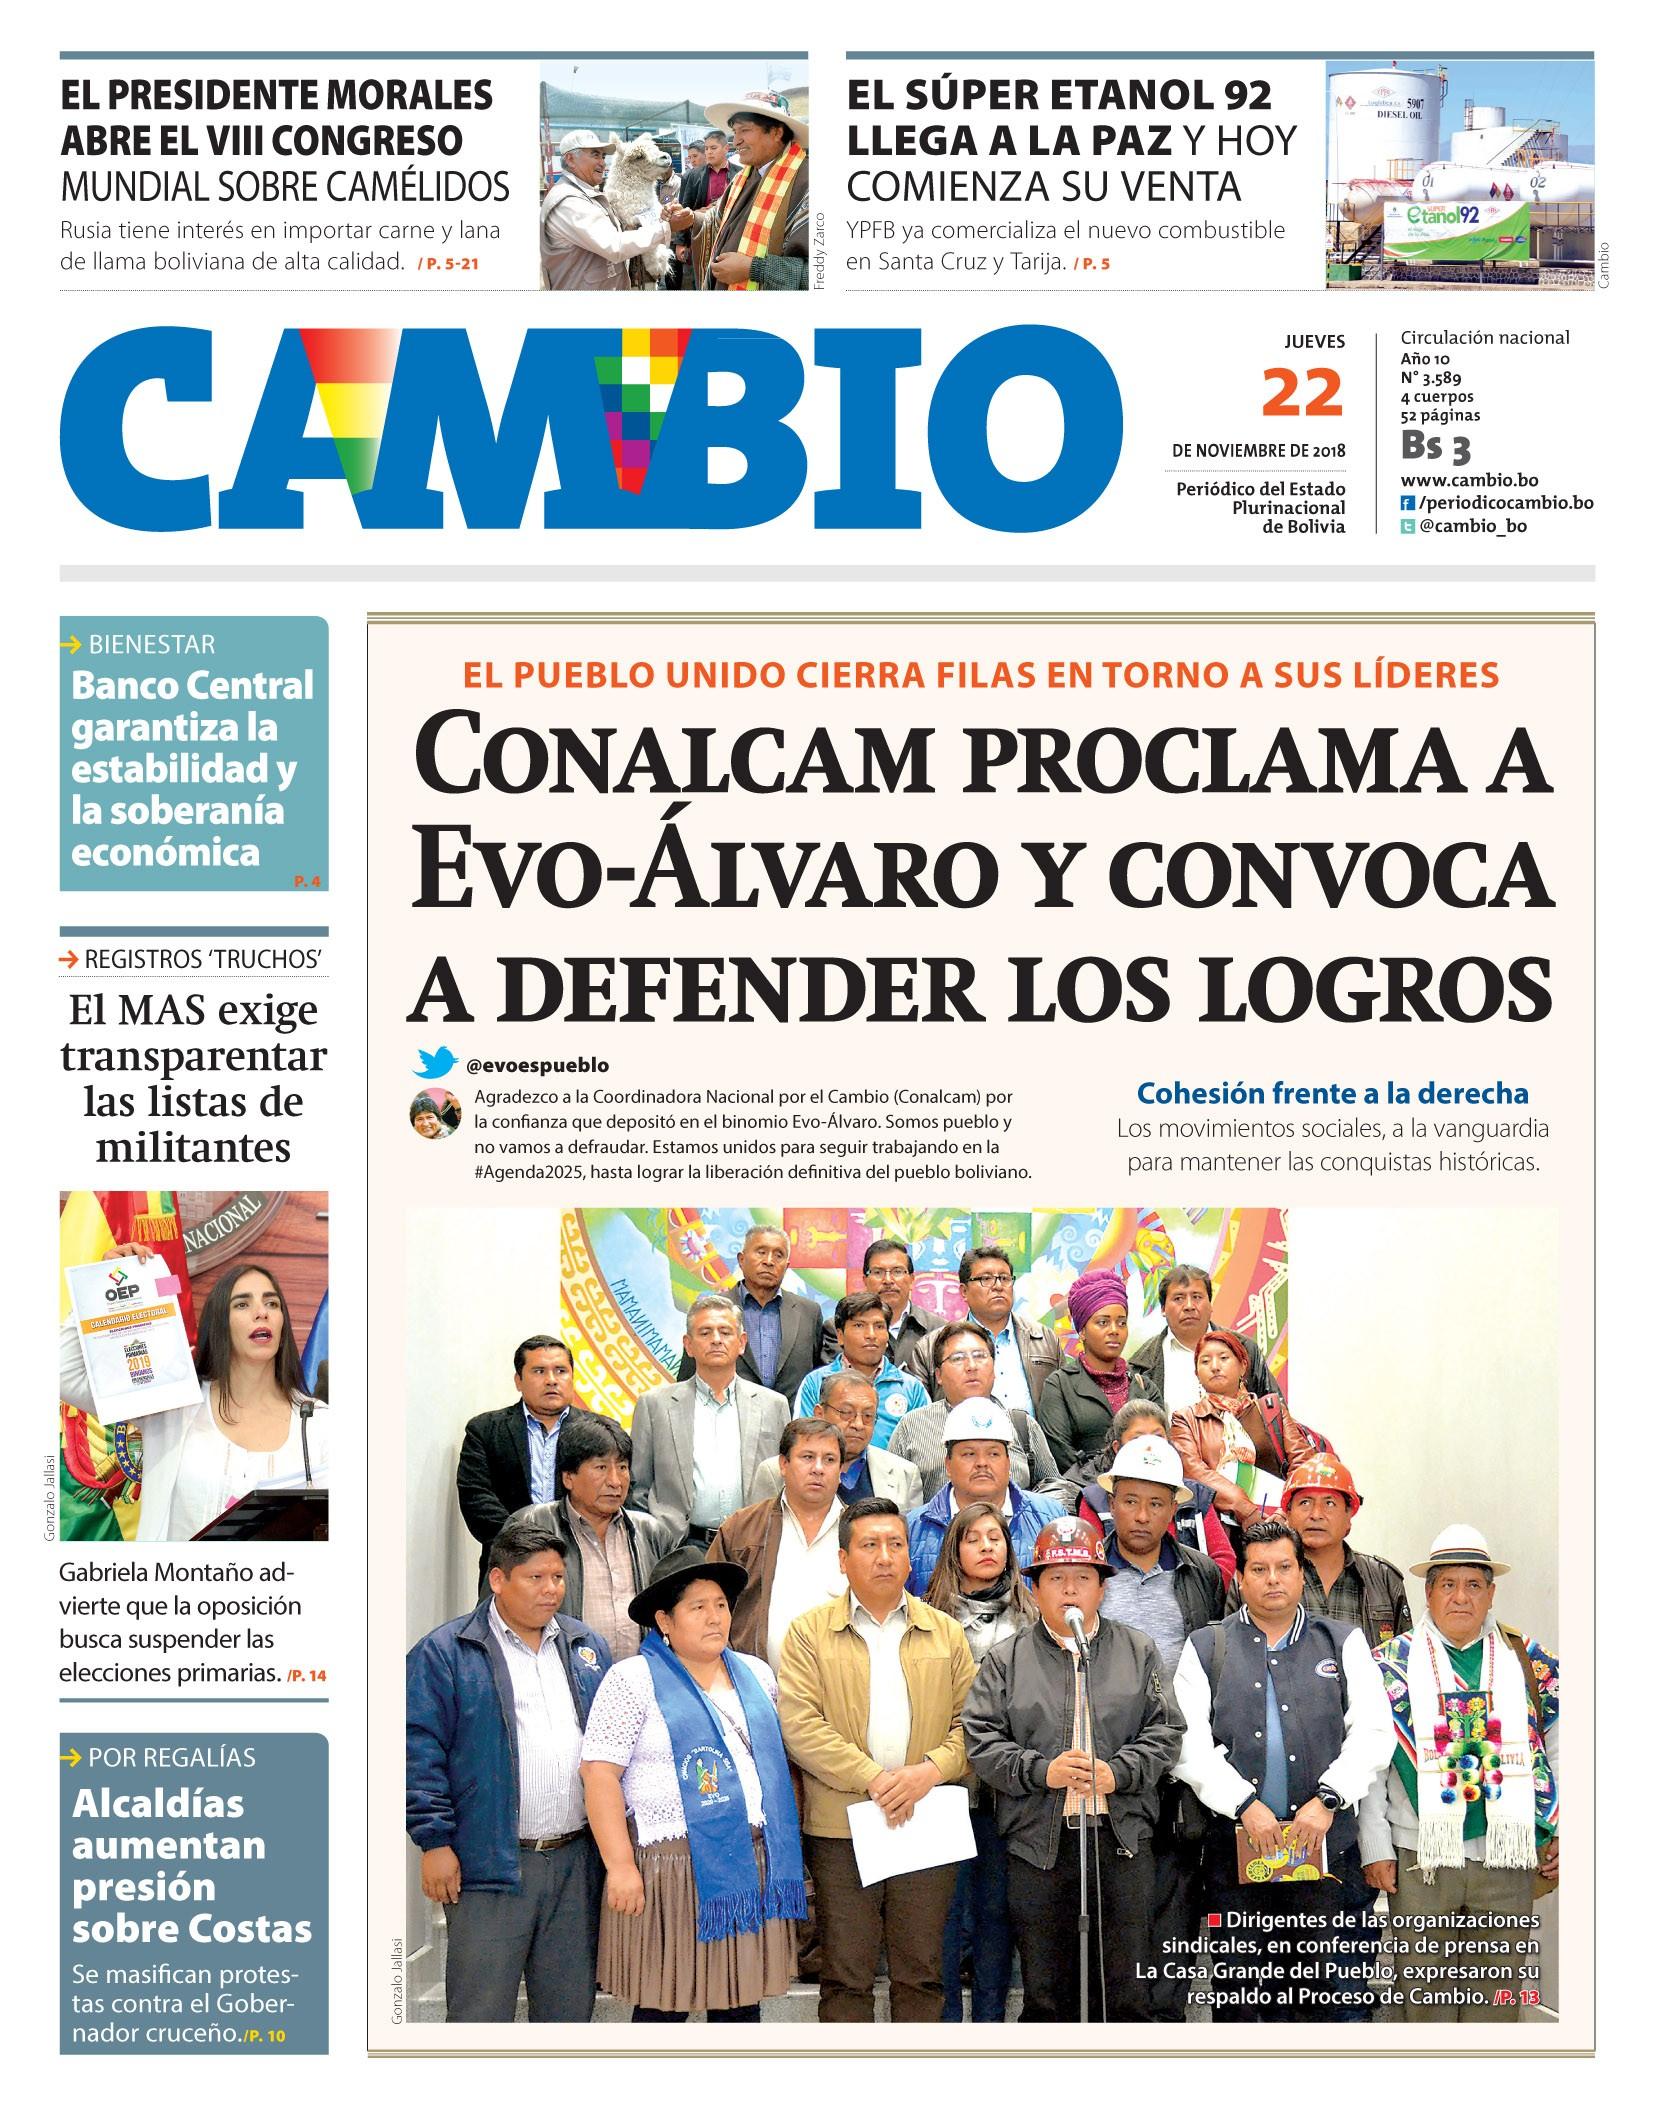 Calendario 2019 Oficial Mexico Más Actual Abi Agencia Boliviana De Informaci³n V2018 Of Calendario 2019 Oficial Mexico Mejores Y Más Novedosos Pin De Fondos De Pantalla En Descargar Fondos De Pantalla Mr